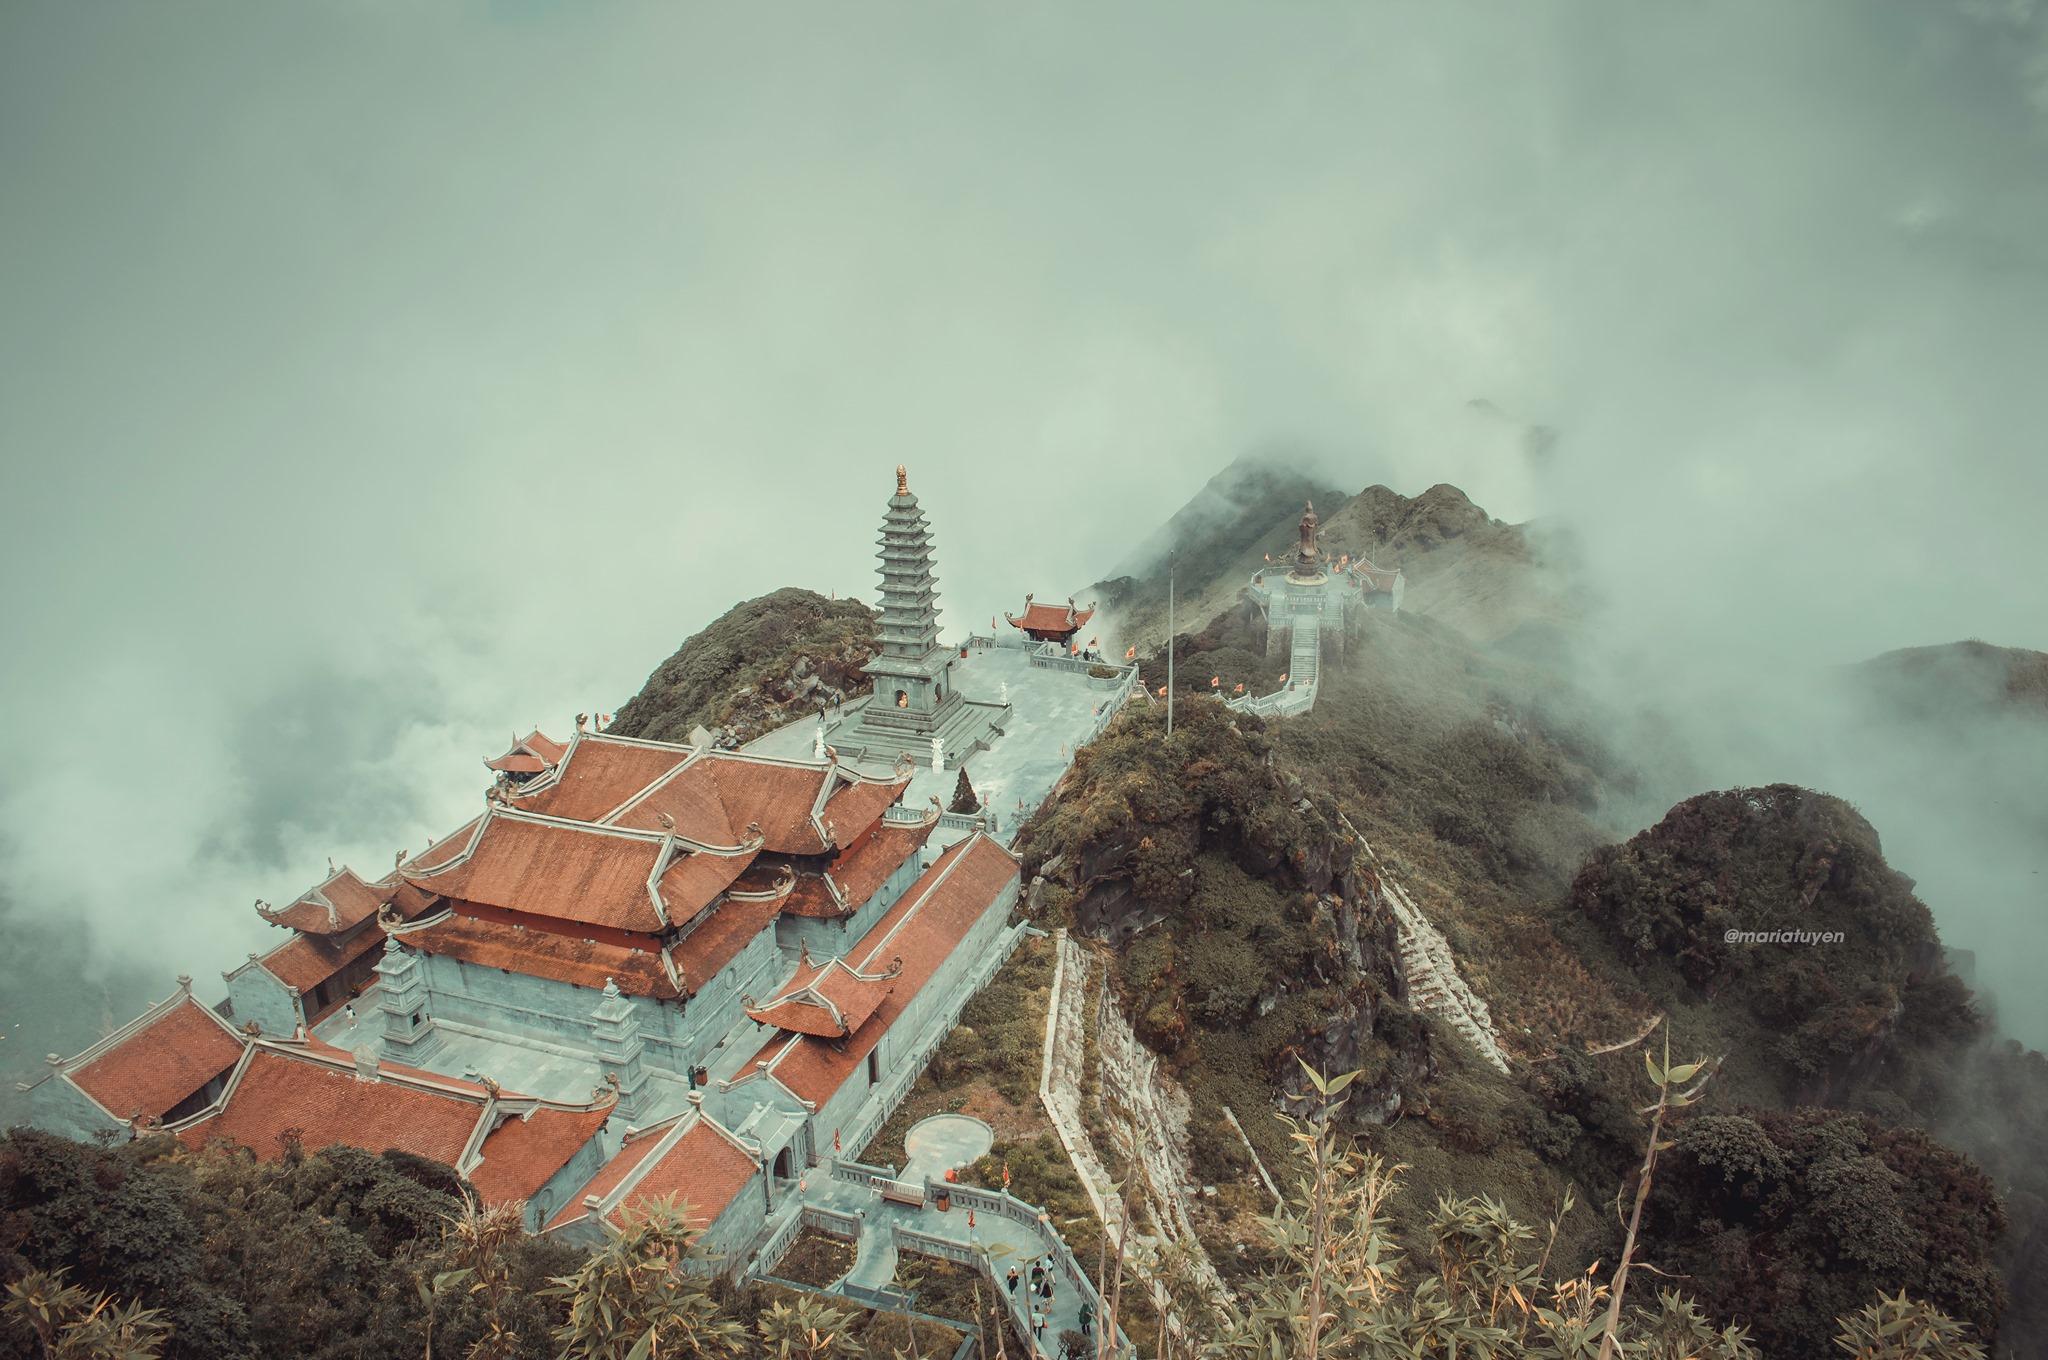 Tour du lịch Sapa khởi hành từ Cần Thơ: Ưu đãi ngập tràn với nhiều gói tour hấp dẫn - Ảnh 17.